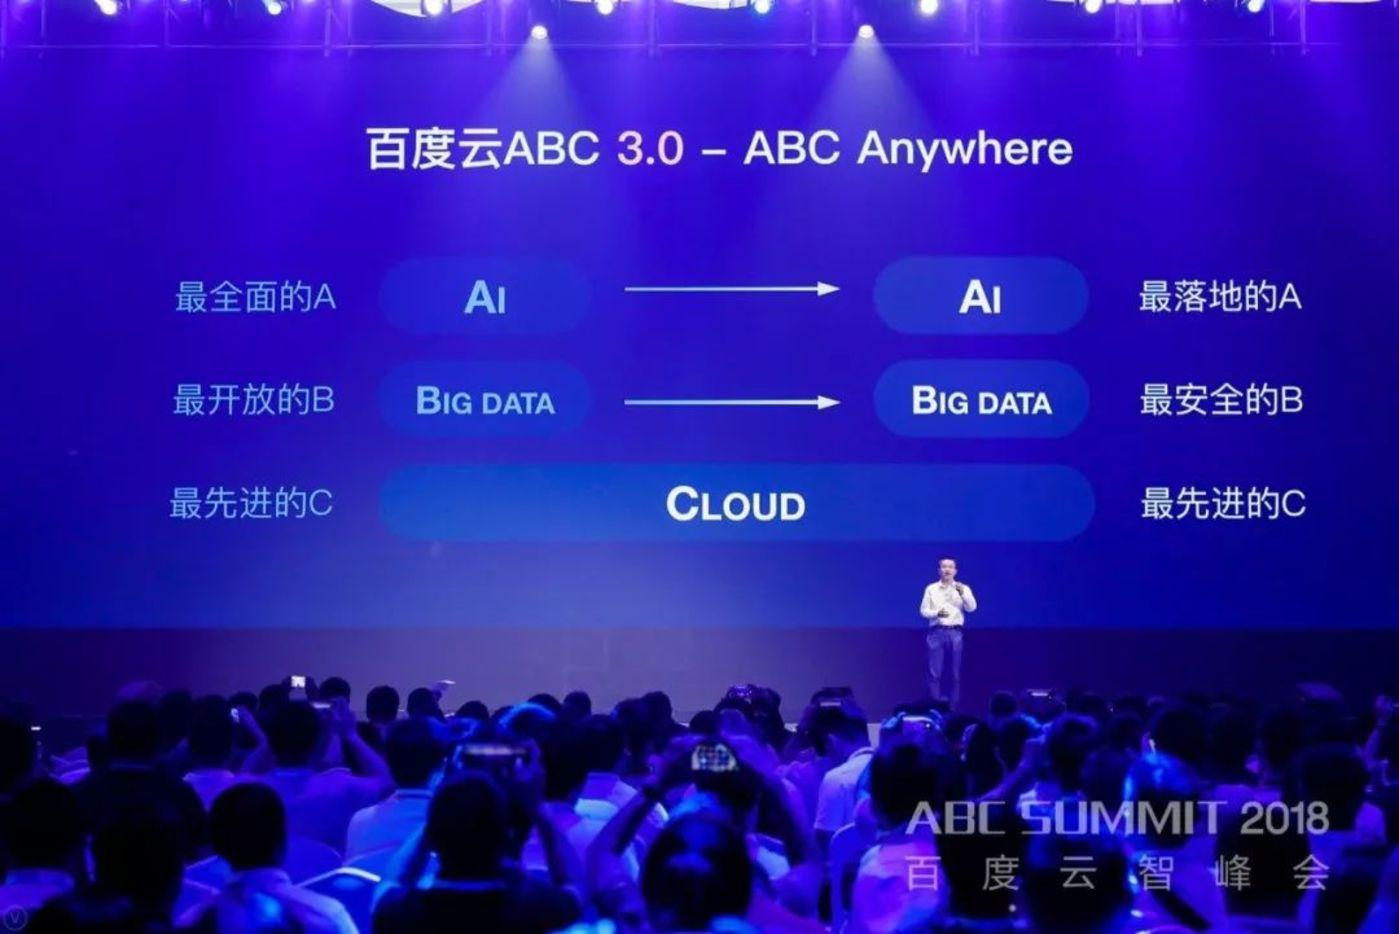 百度副总裁尹世明发布百度云ABC 3.0